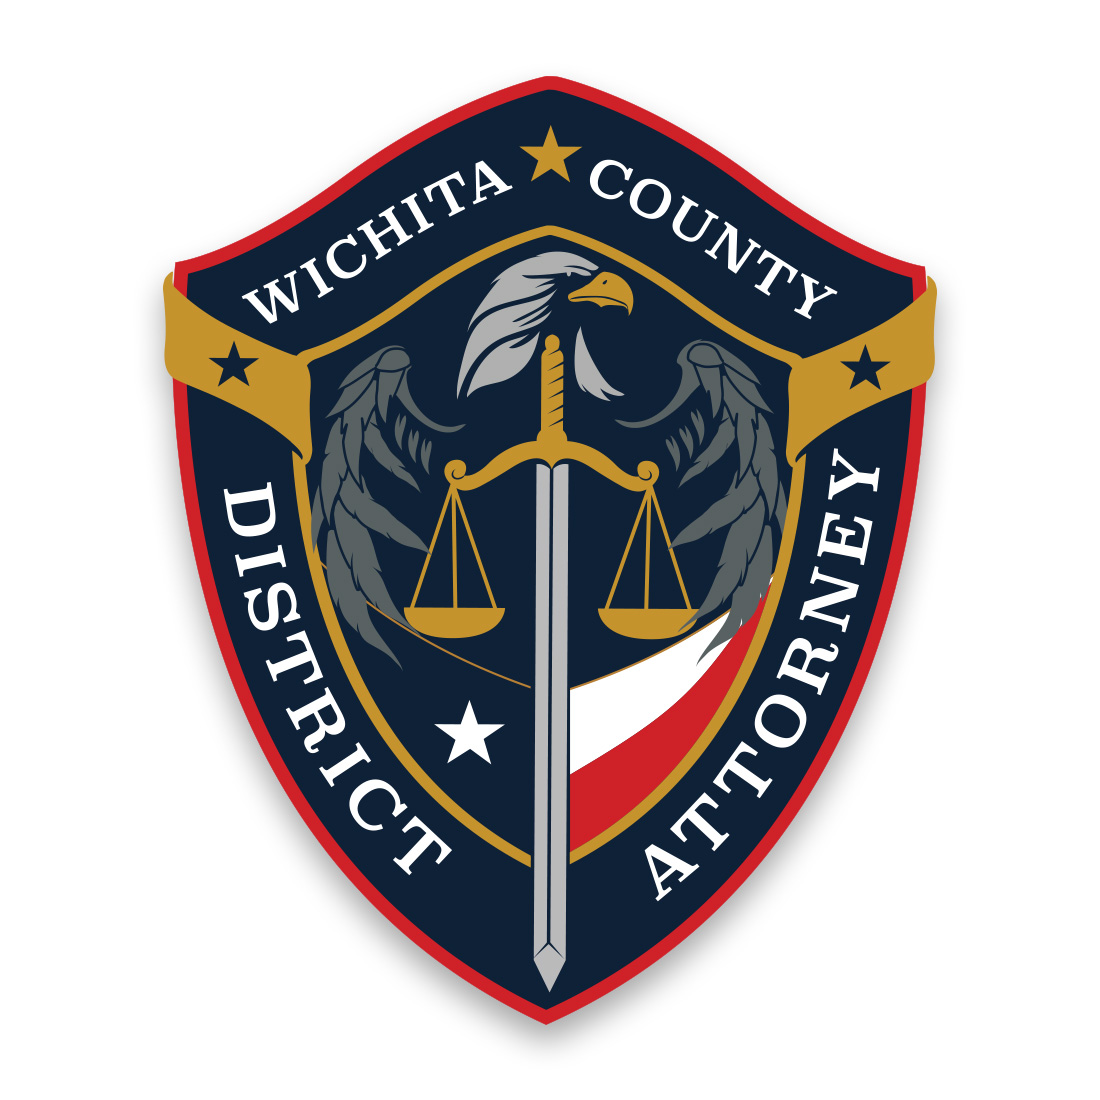 Wichita County District Attorney Seal Design